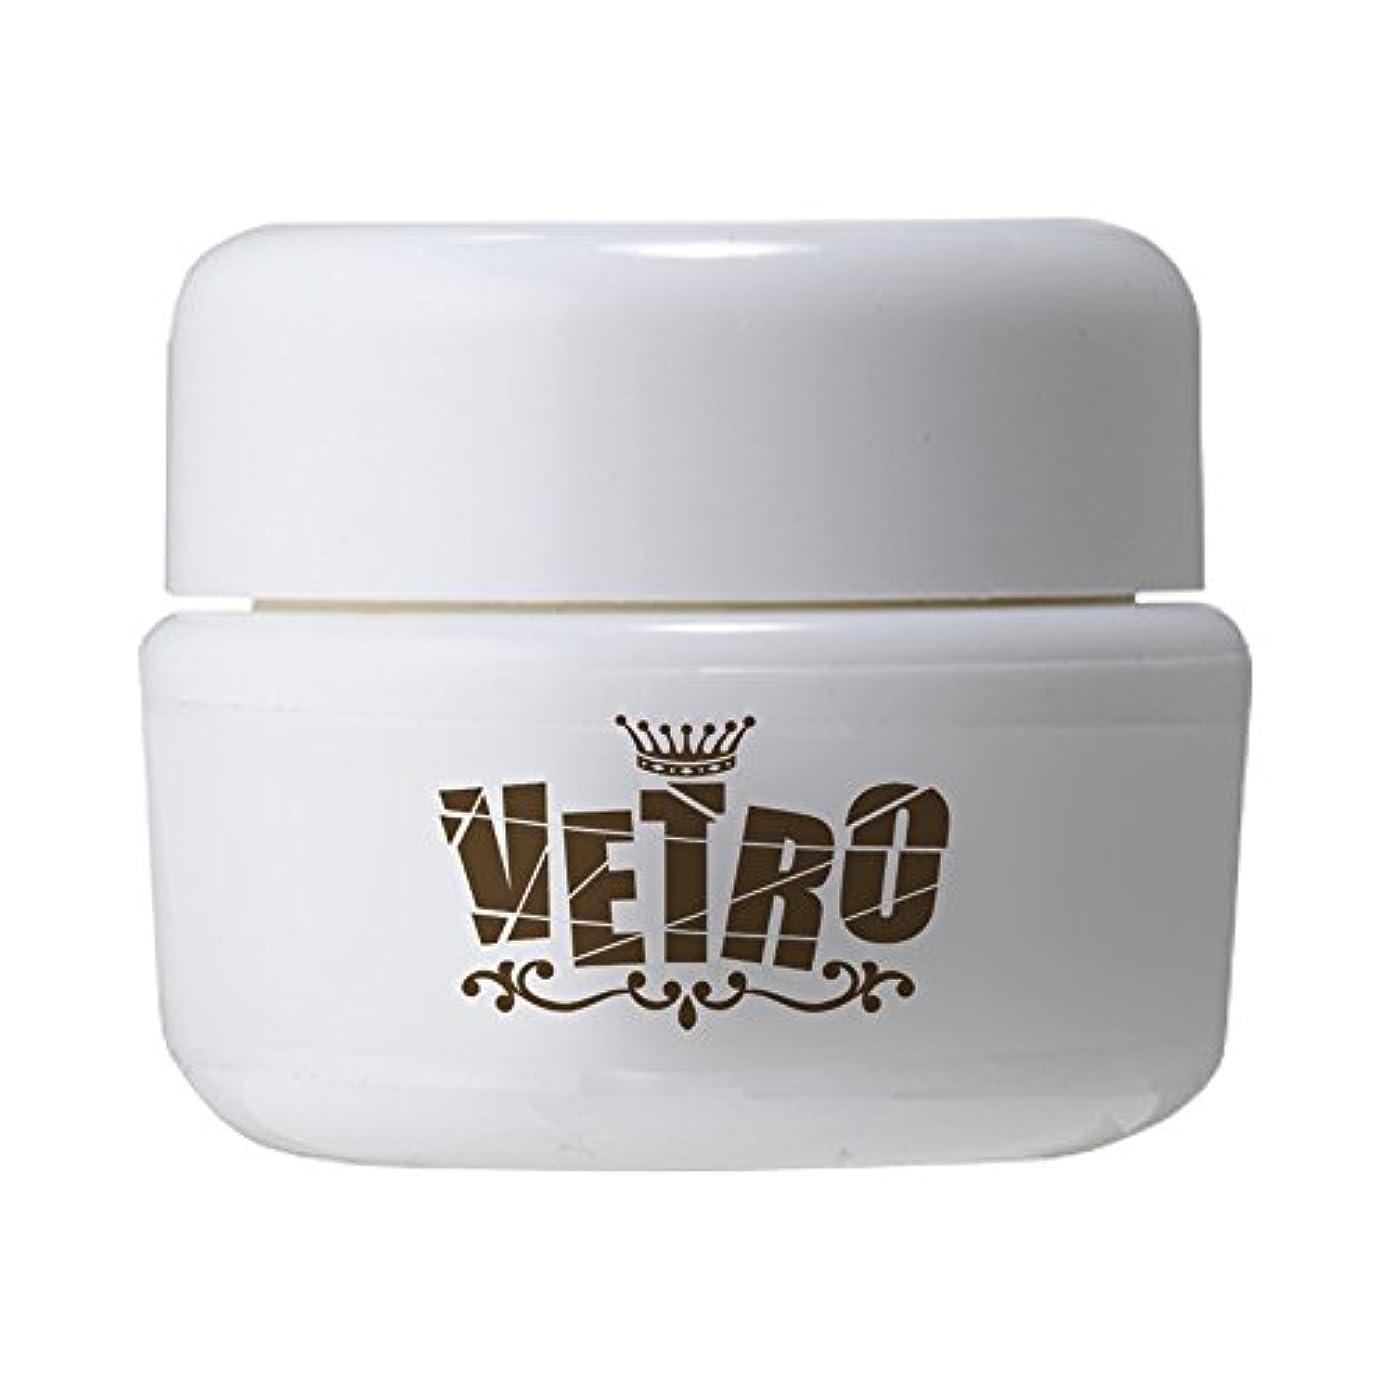 肉腫シエスタ命令的VETRO No.19 カラージェル マット VL023 マットホワイト 4ml